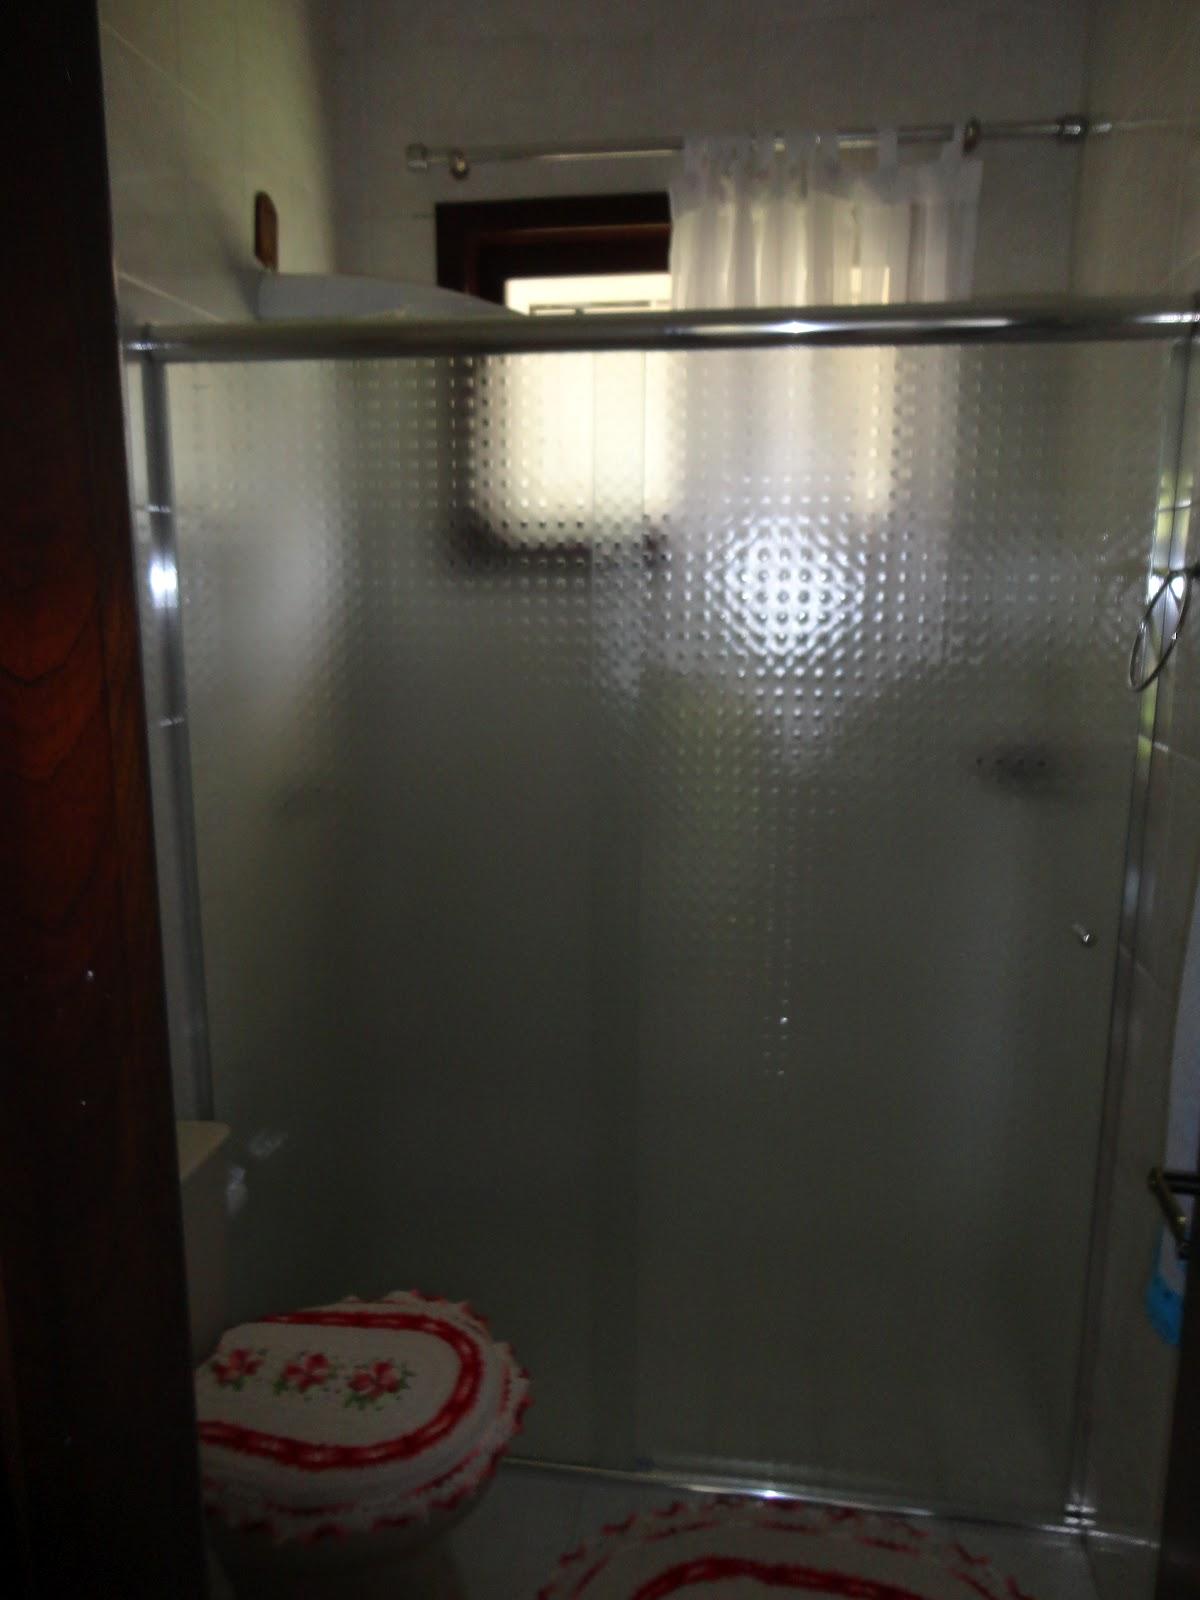 #7E714D VIDROMAX Ibirubá RS: Box de vidro temperado Quadrato 334 Janelas De Vidro Temperado No Rs